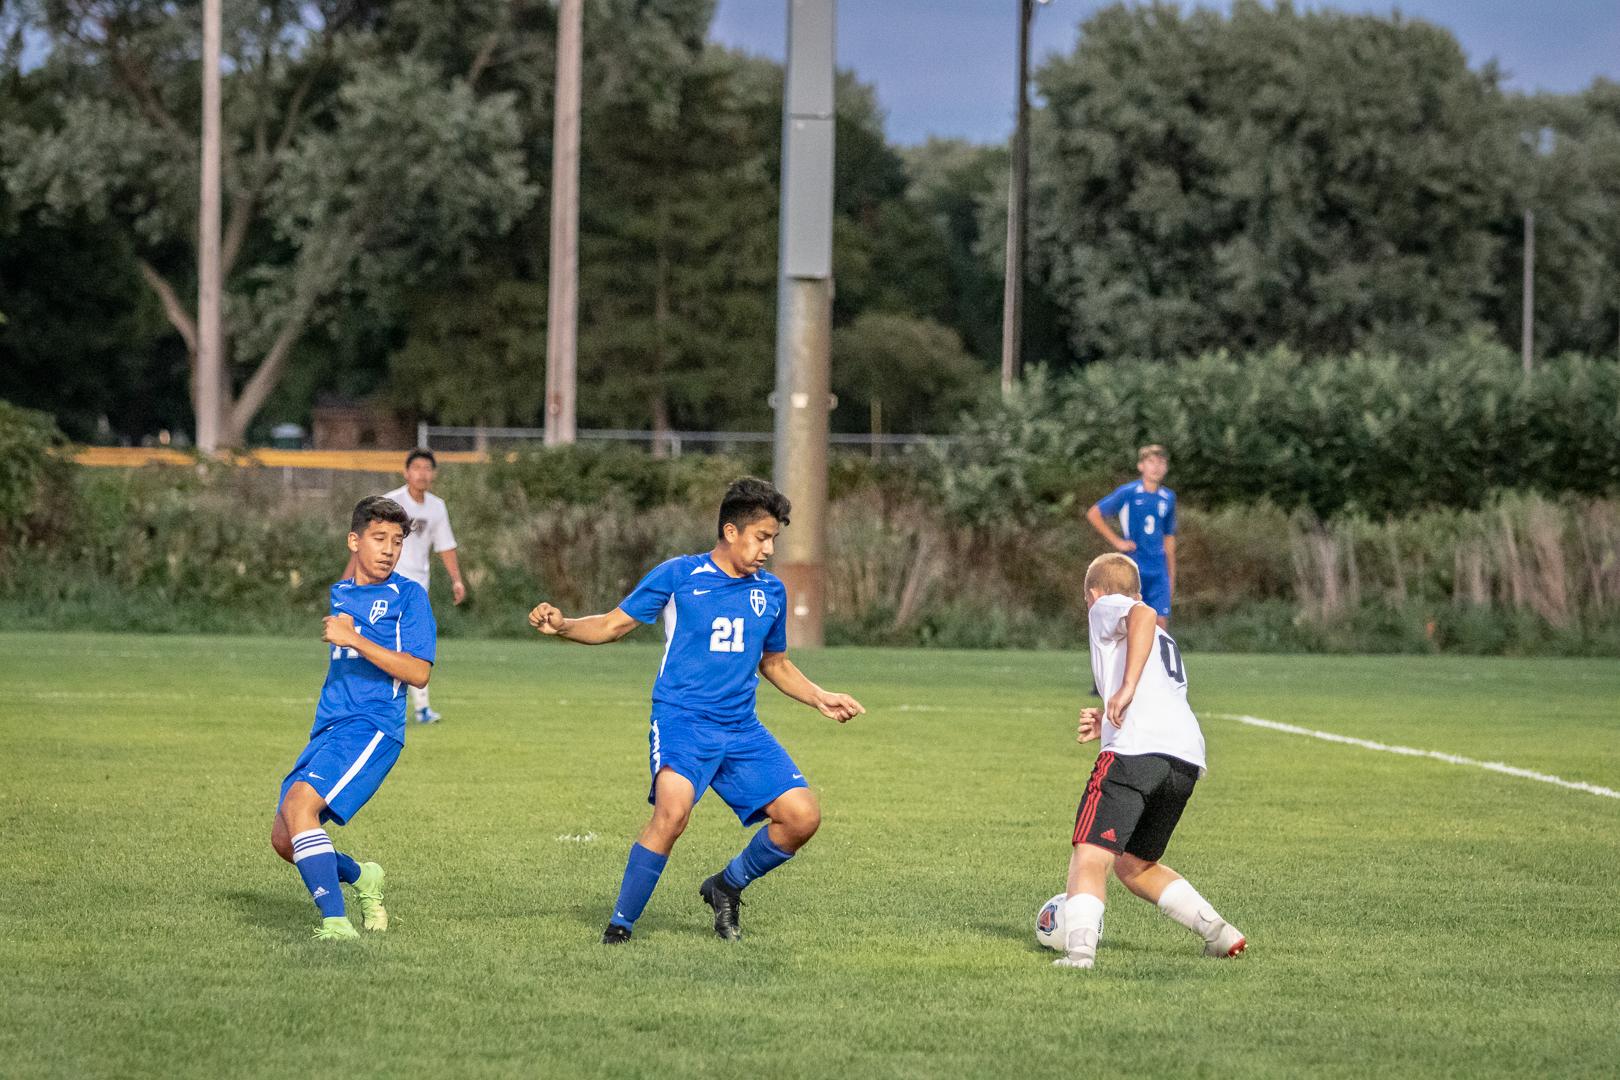 Marian-Varsity-Boys-Soccer-9711.jpg